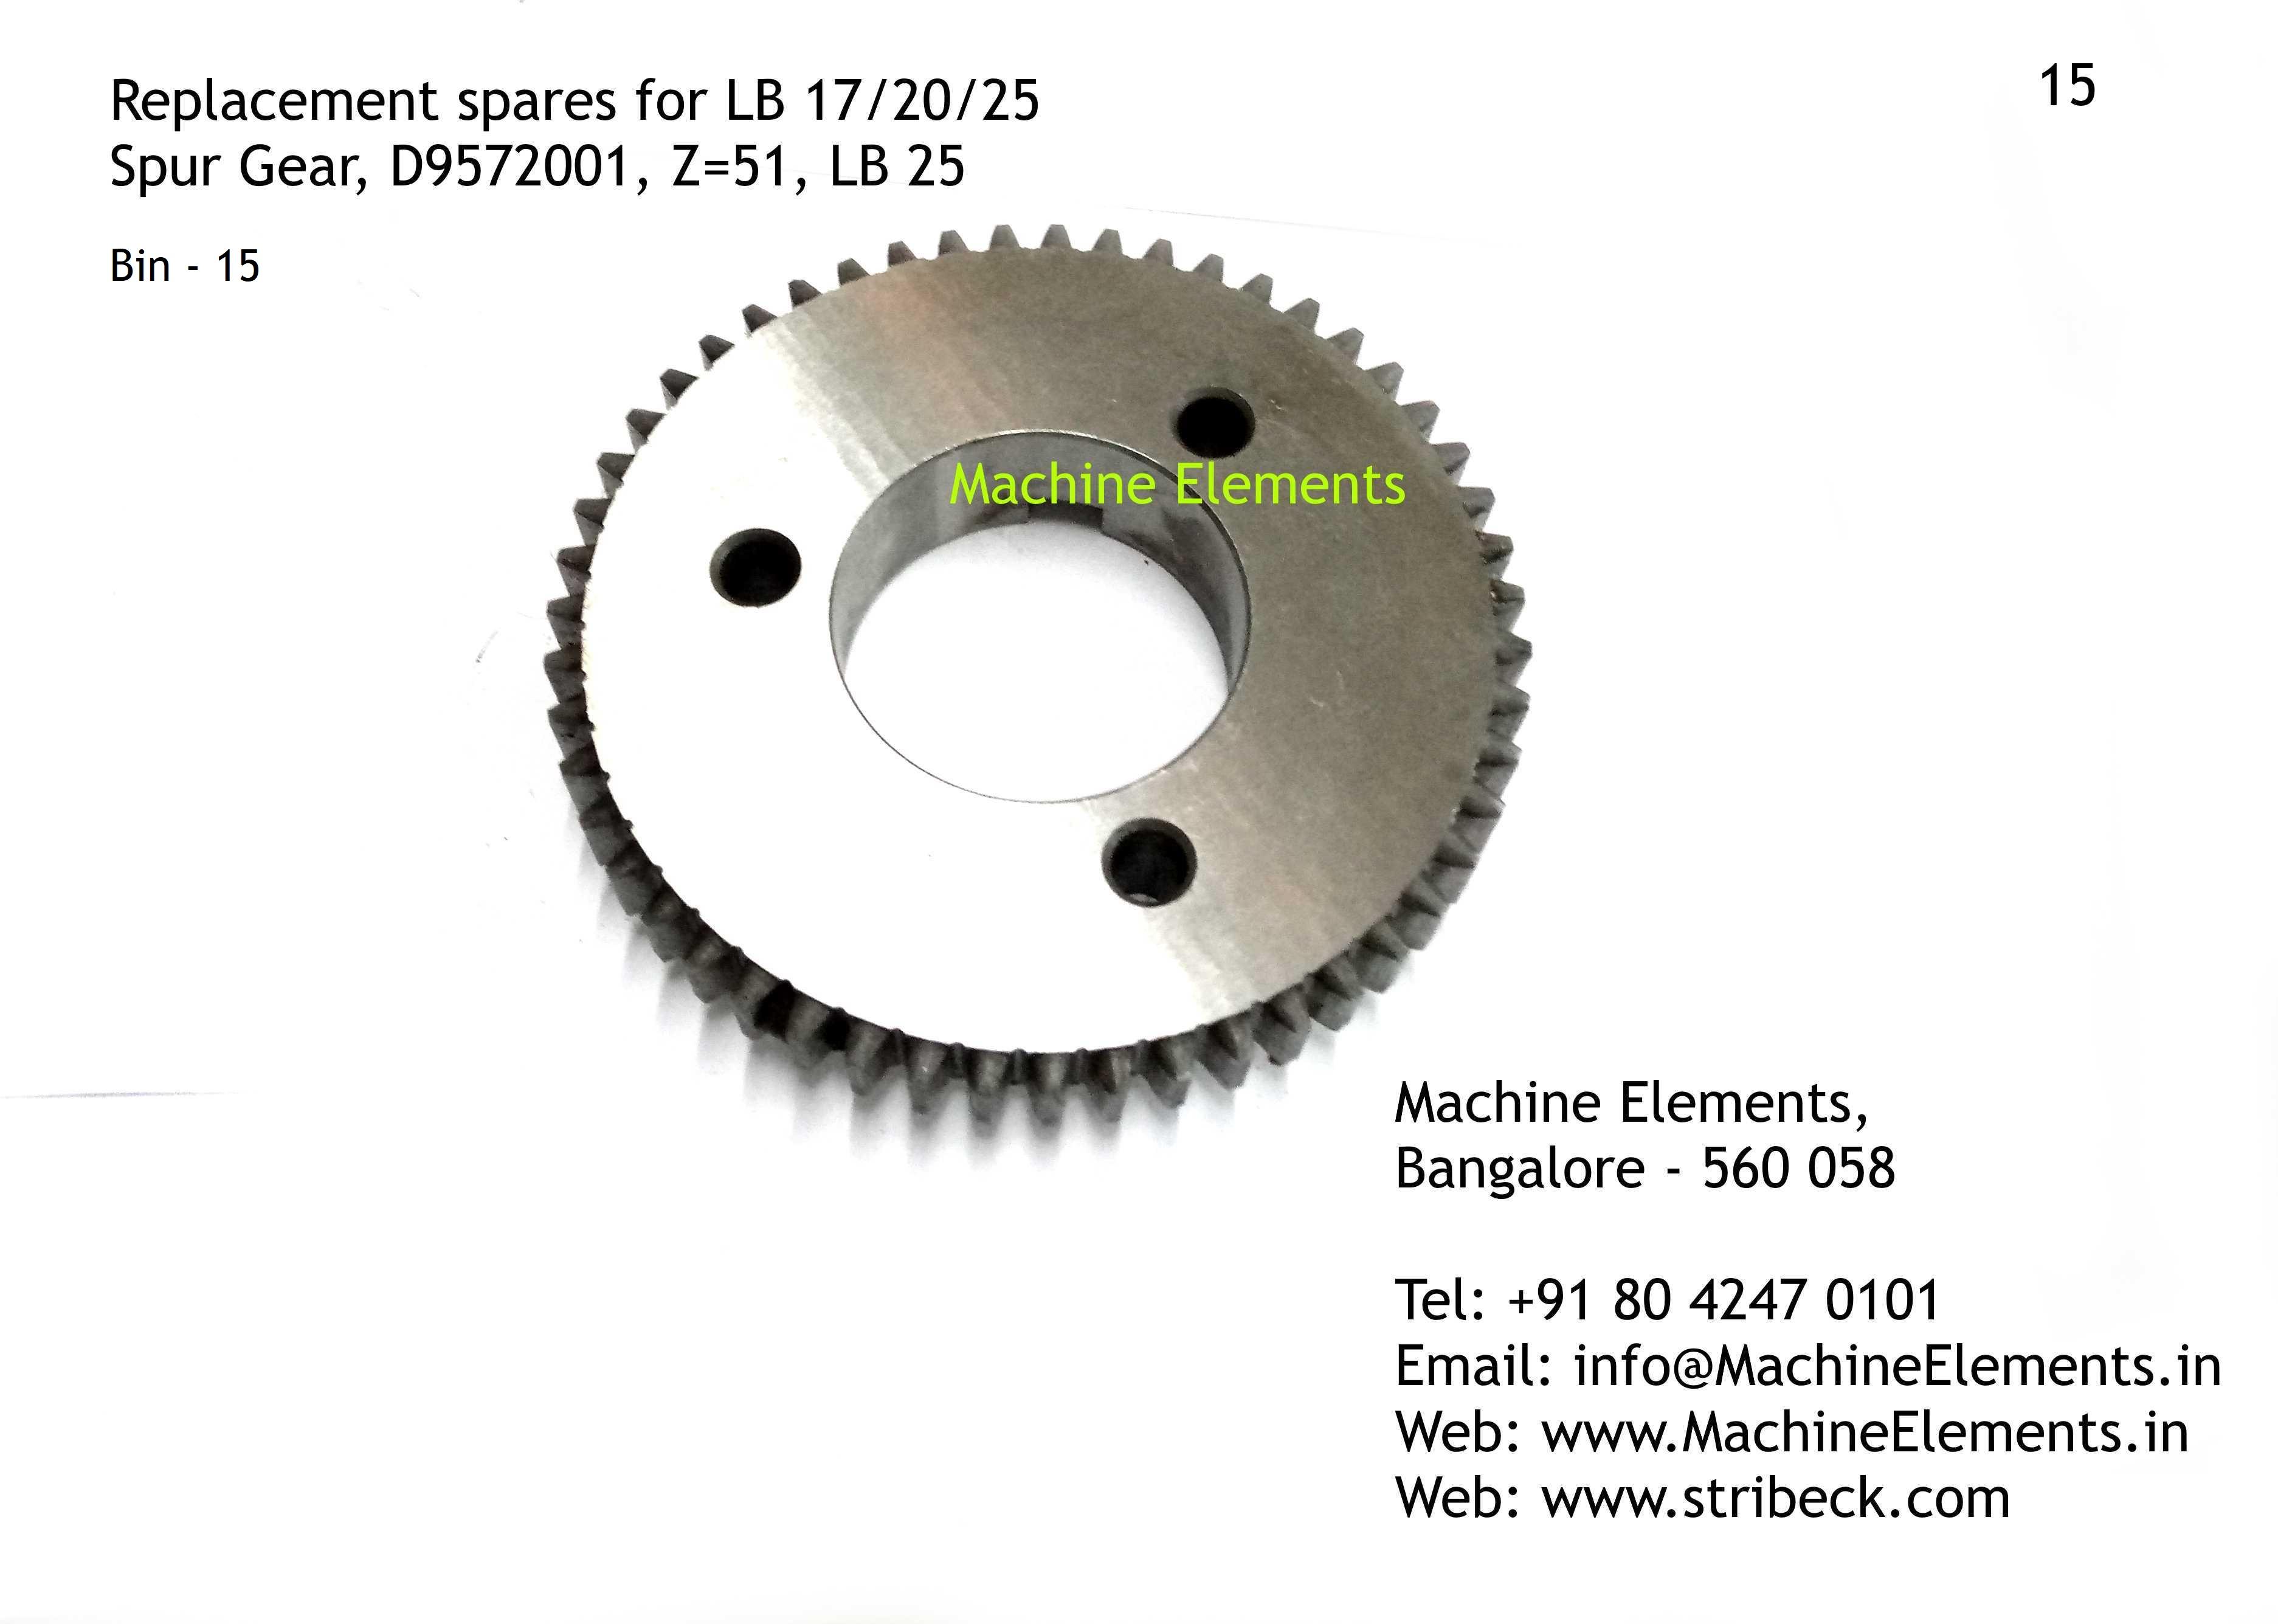 Spur Gear D9572001 Z-51